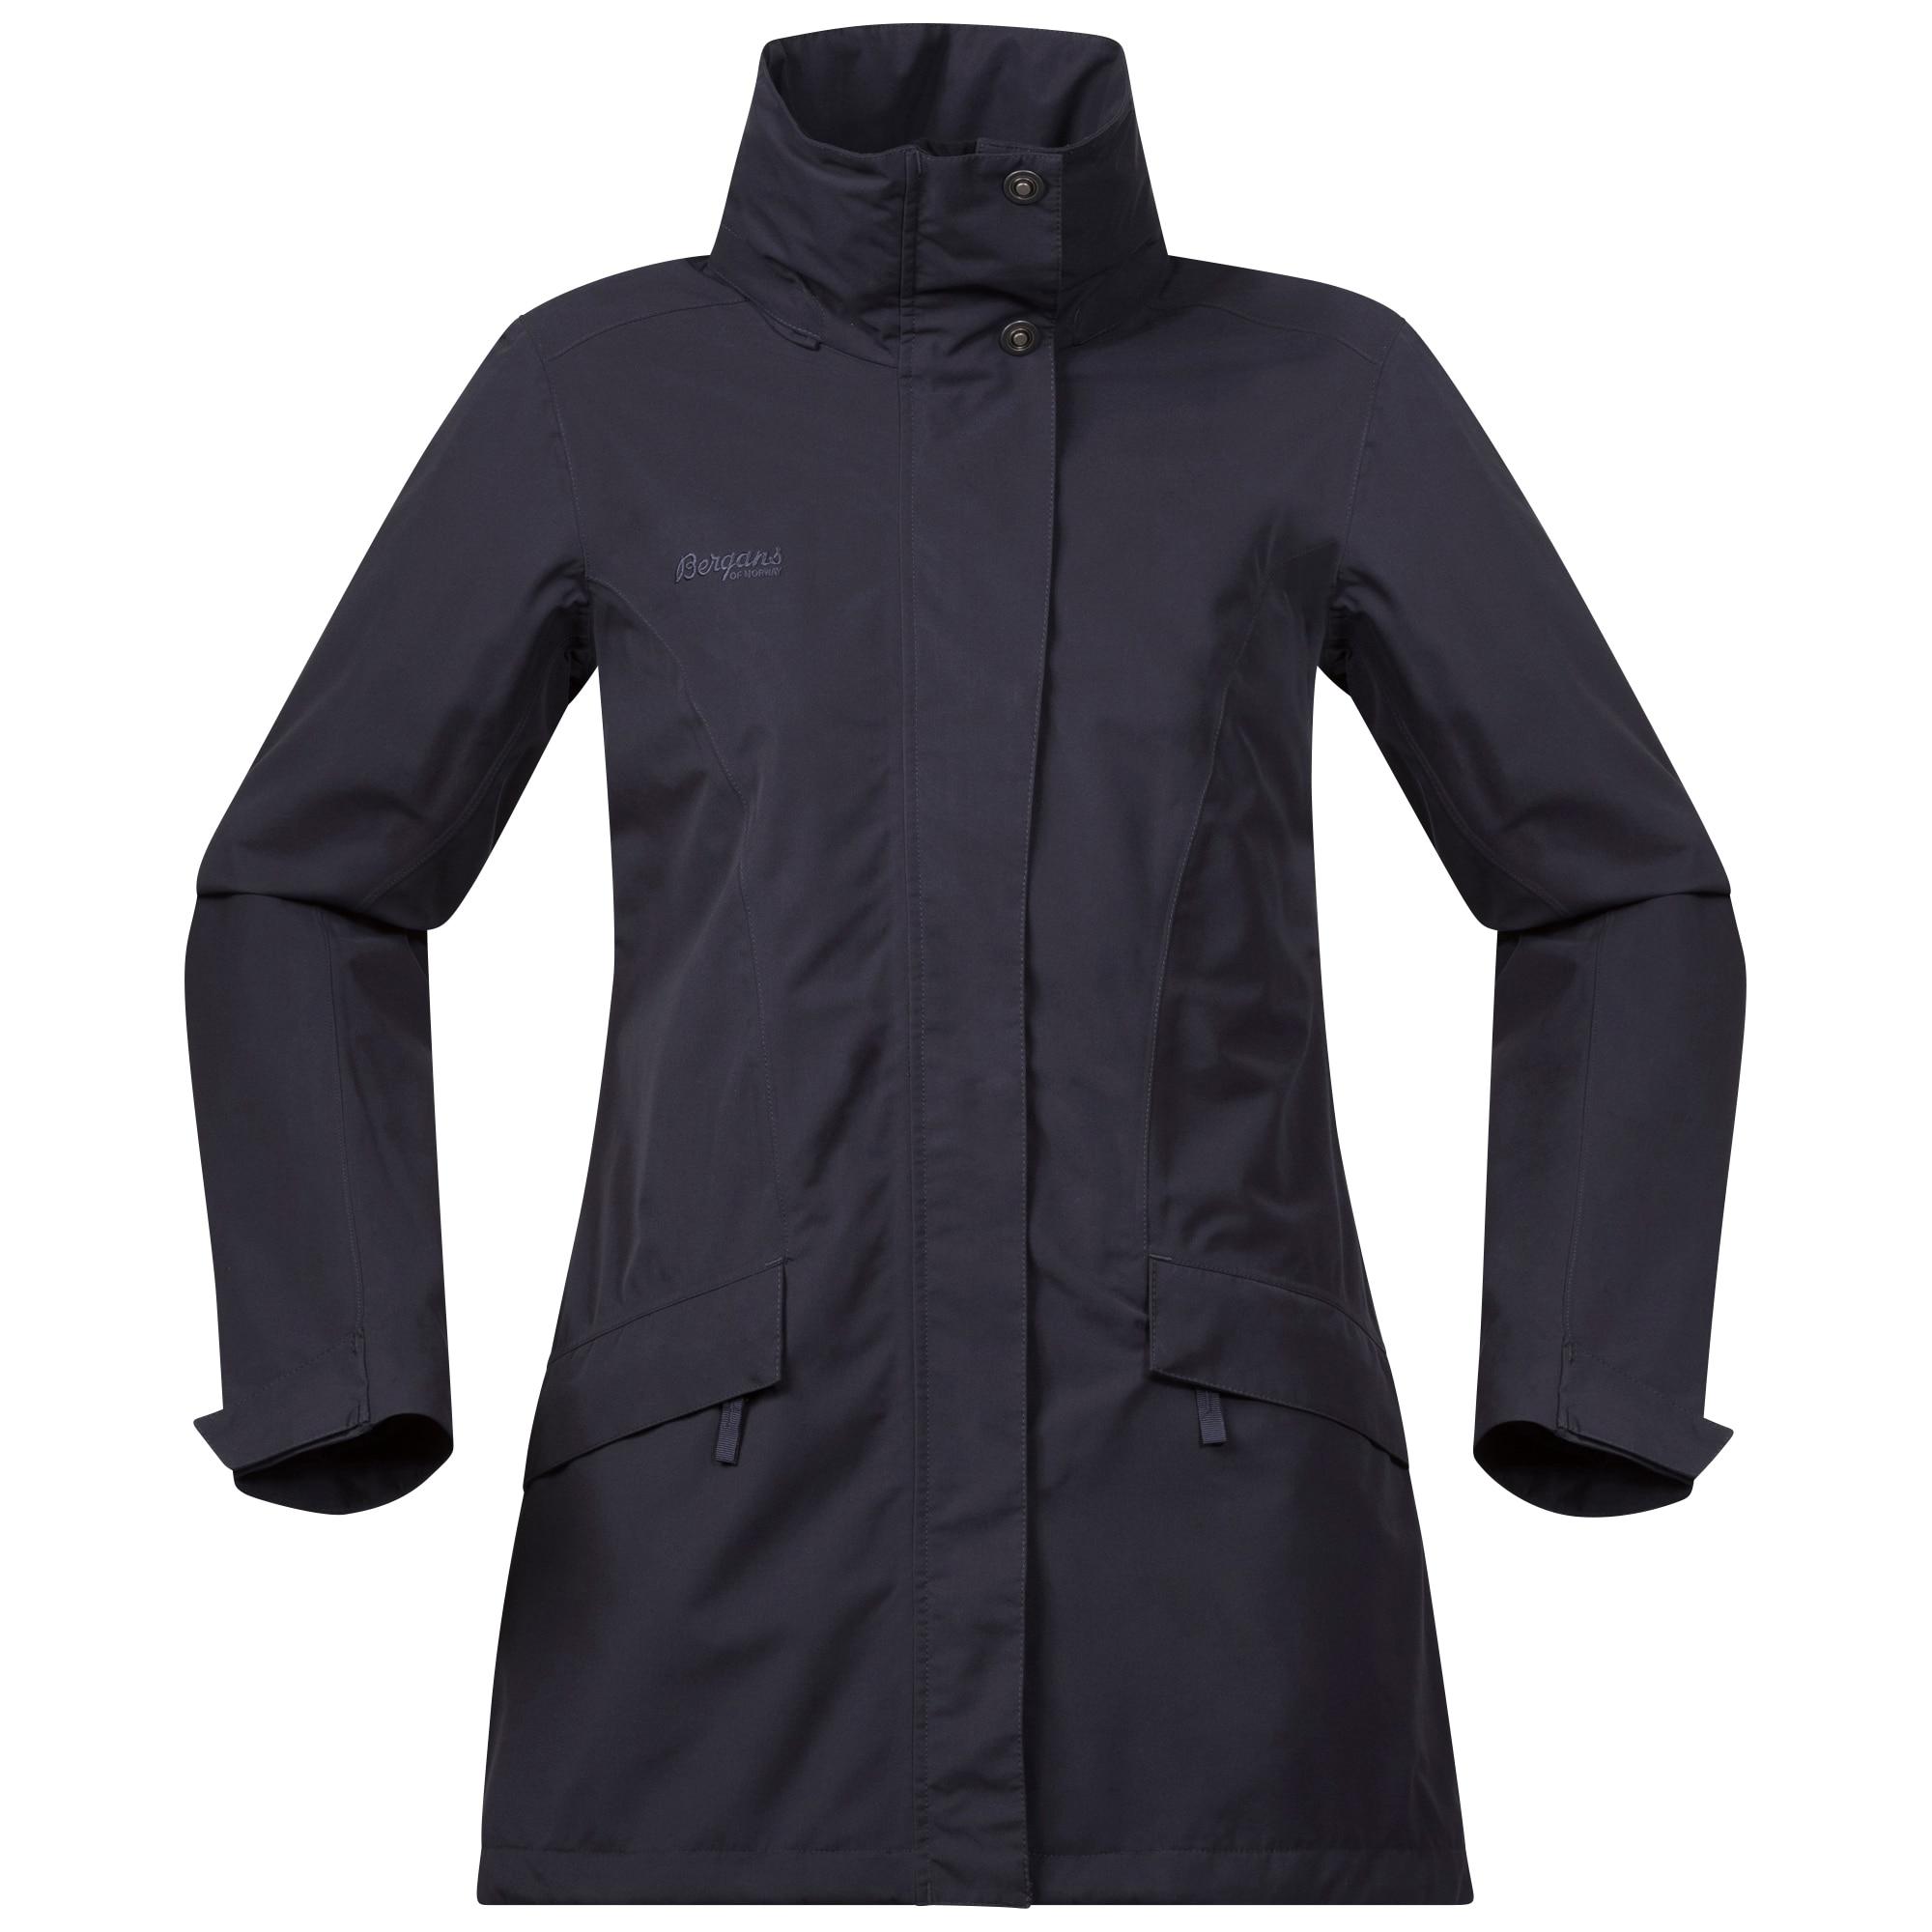 Vollen W Jacket